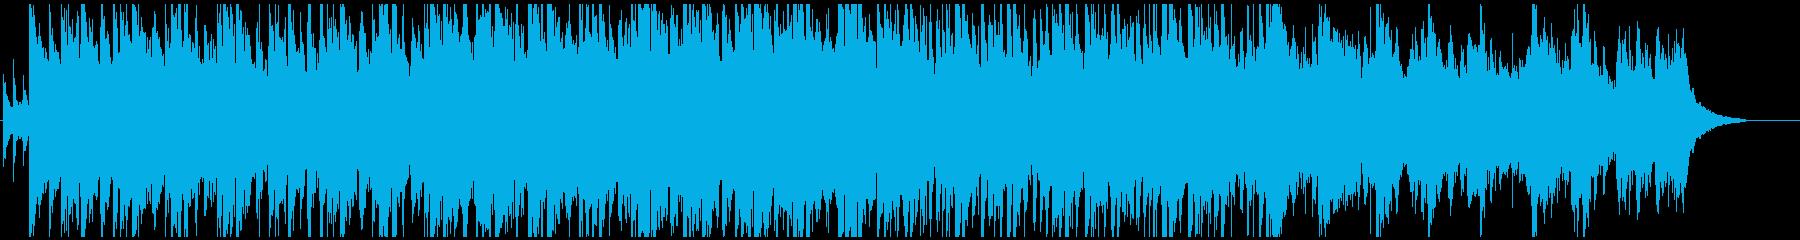 青空のように爽やかなオケ 企業VP・CMの再生済みの波形